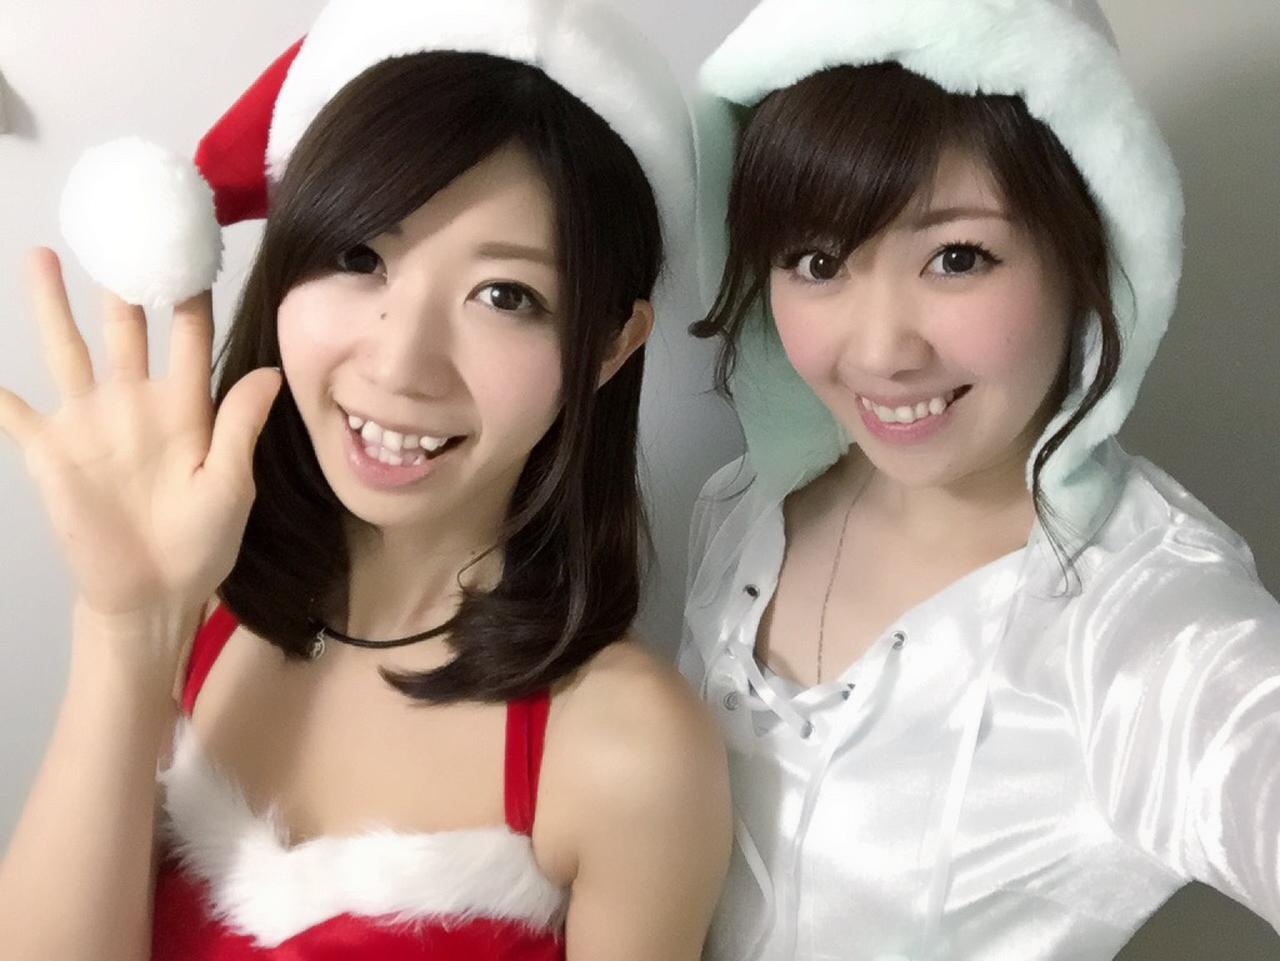 画像: サンタコスプレをする妹とゆきんこ生田晴香